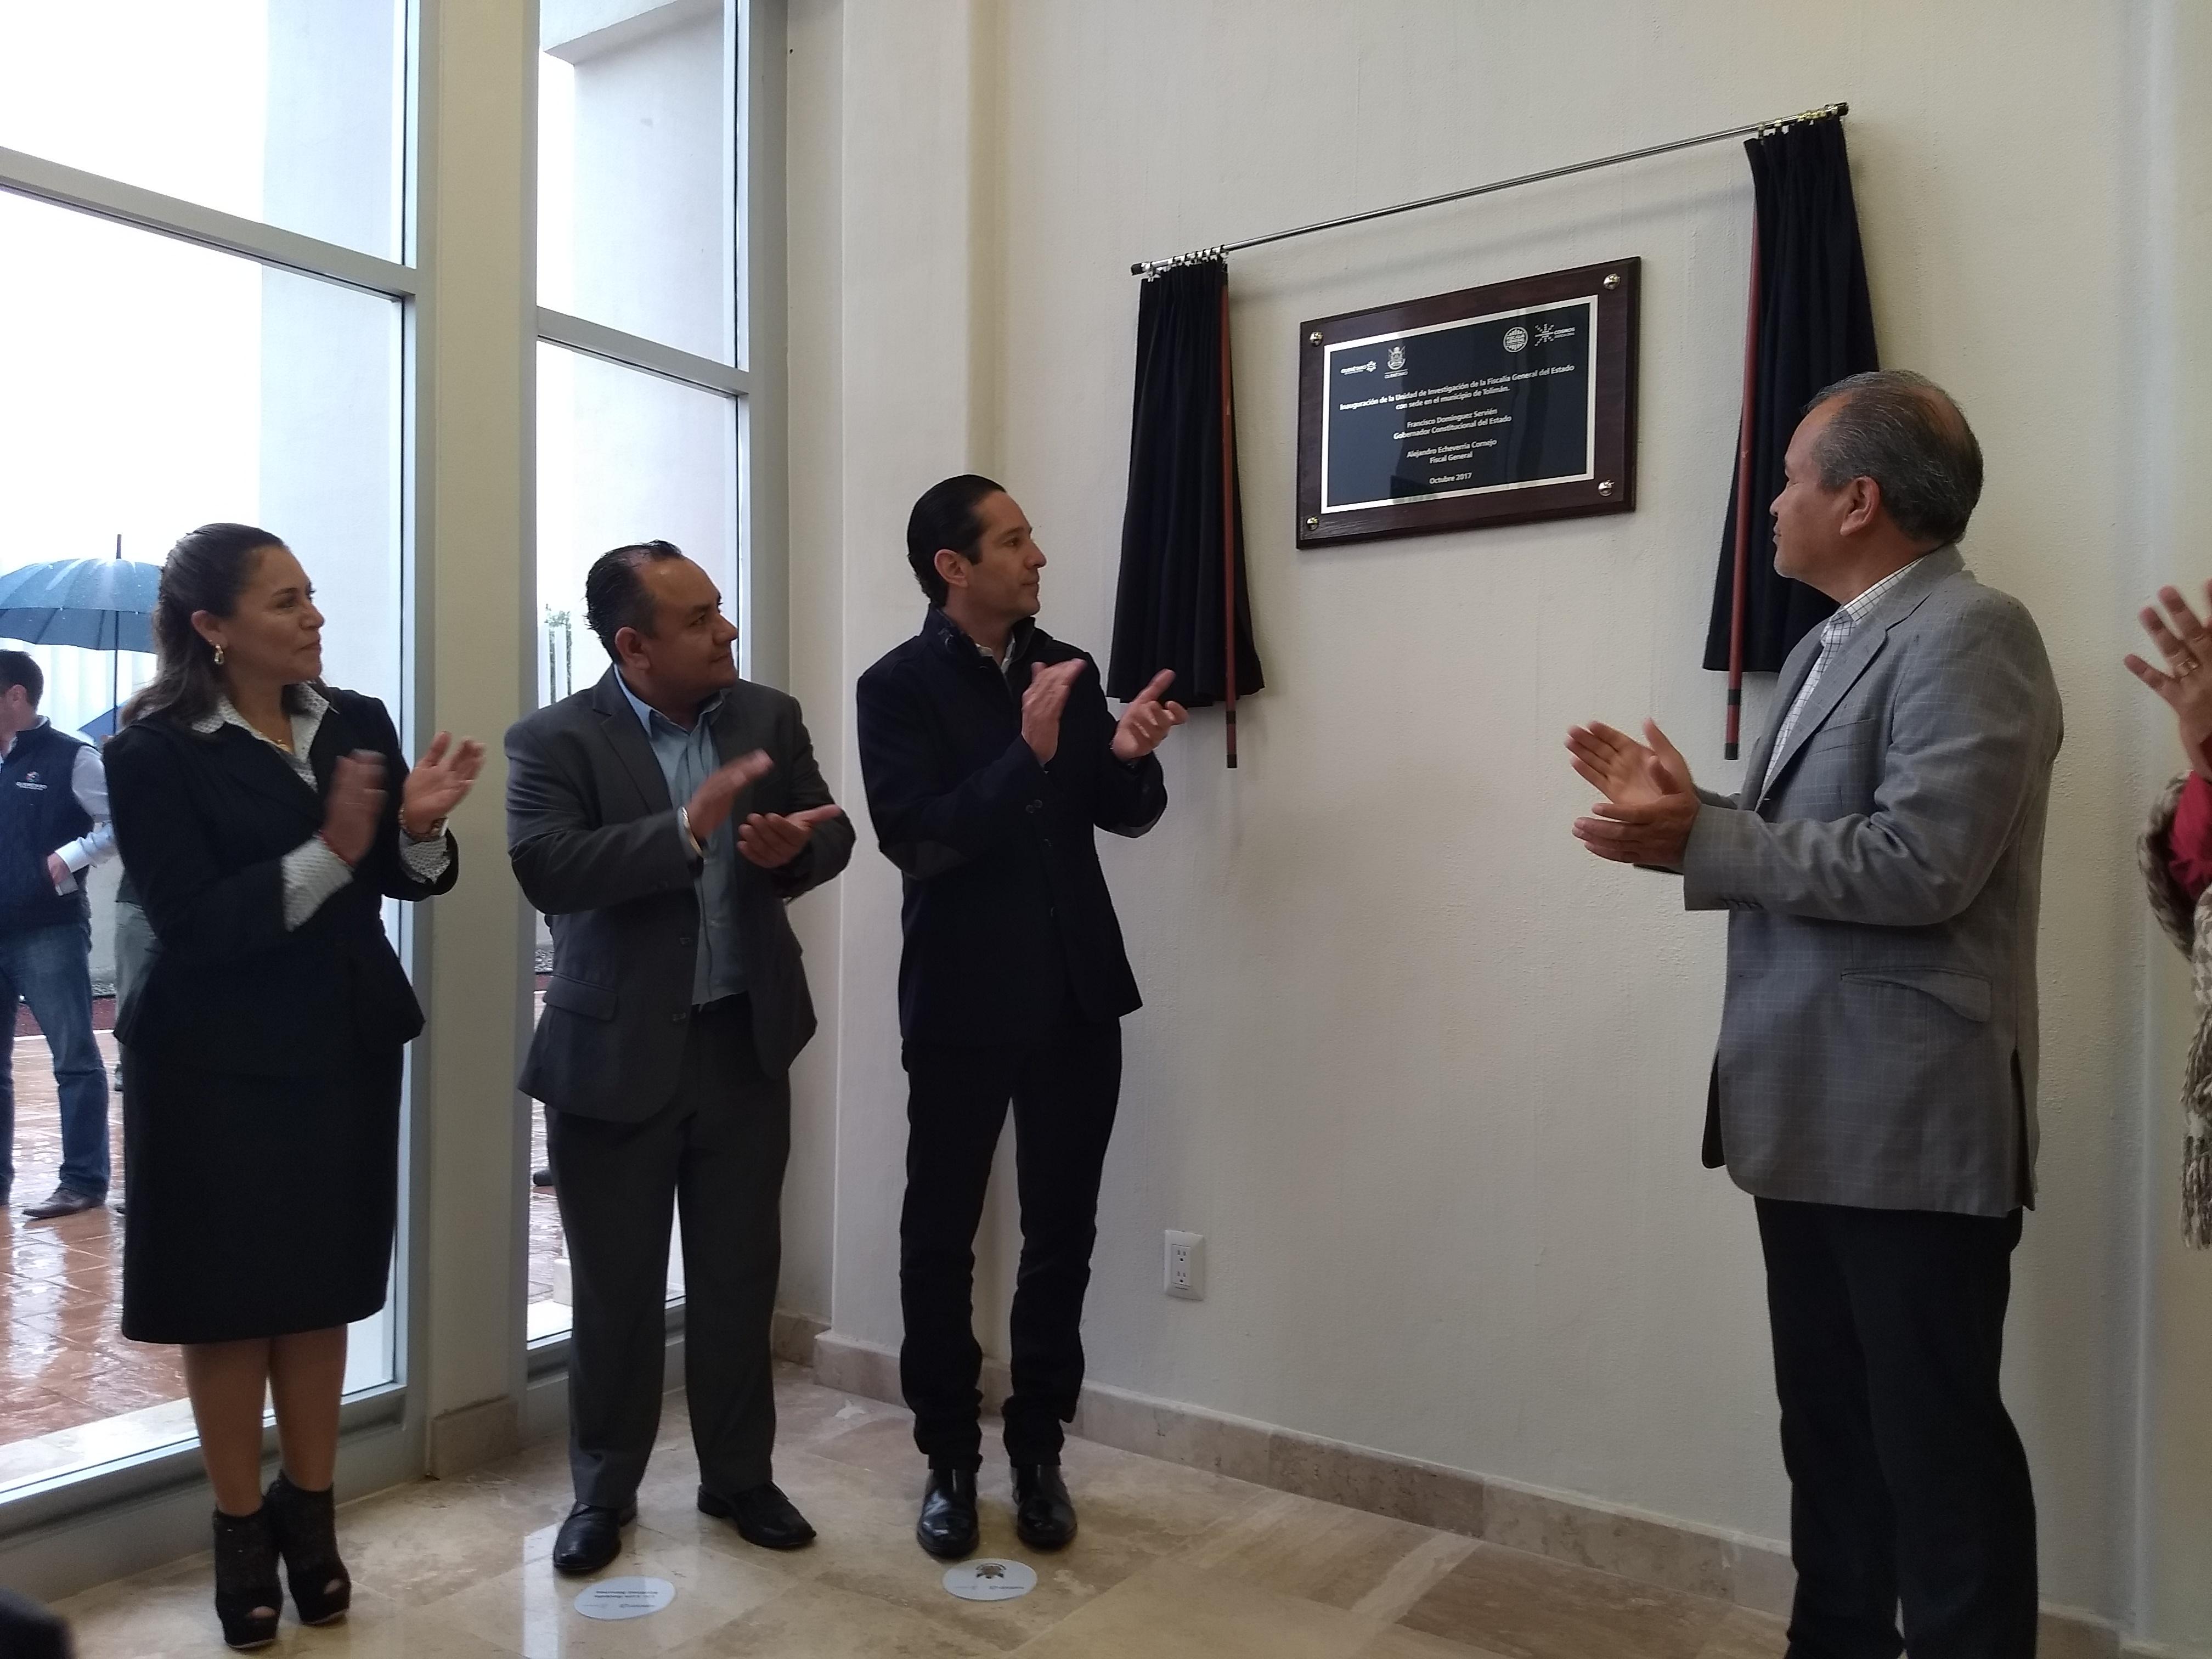 Con 19.5 mdp de inversión, Pancho Domínguez inaugura edificio de la Fiscalía en Tolimán